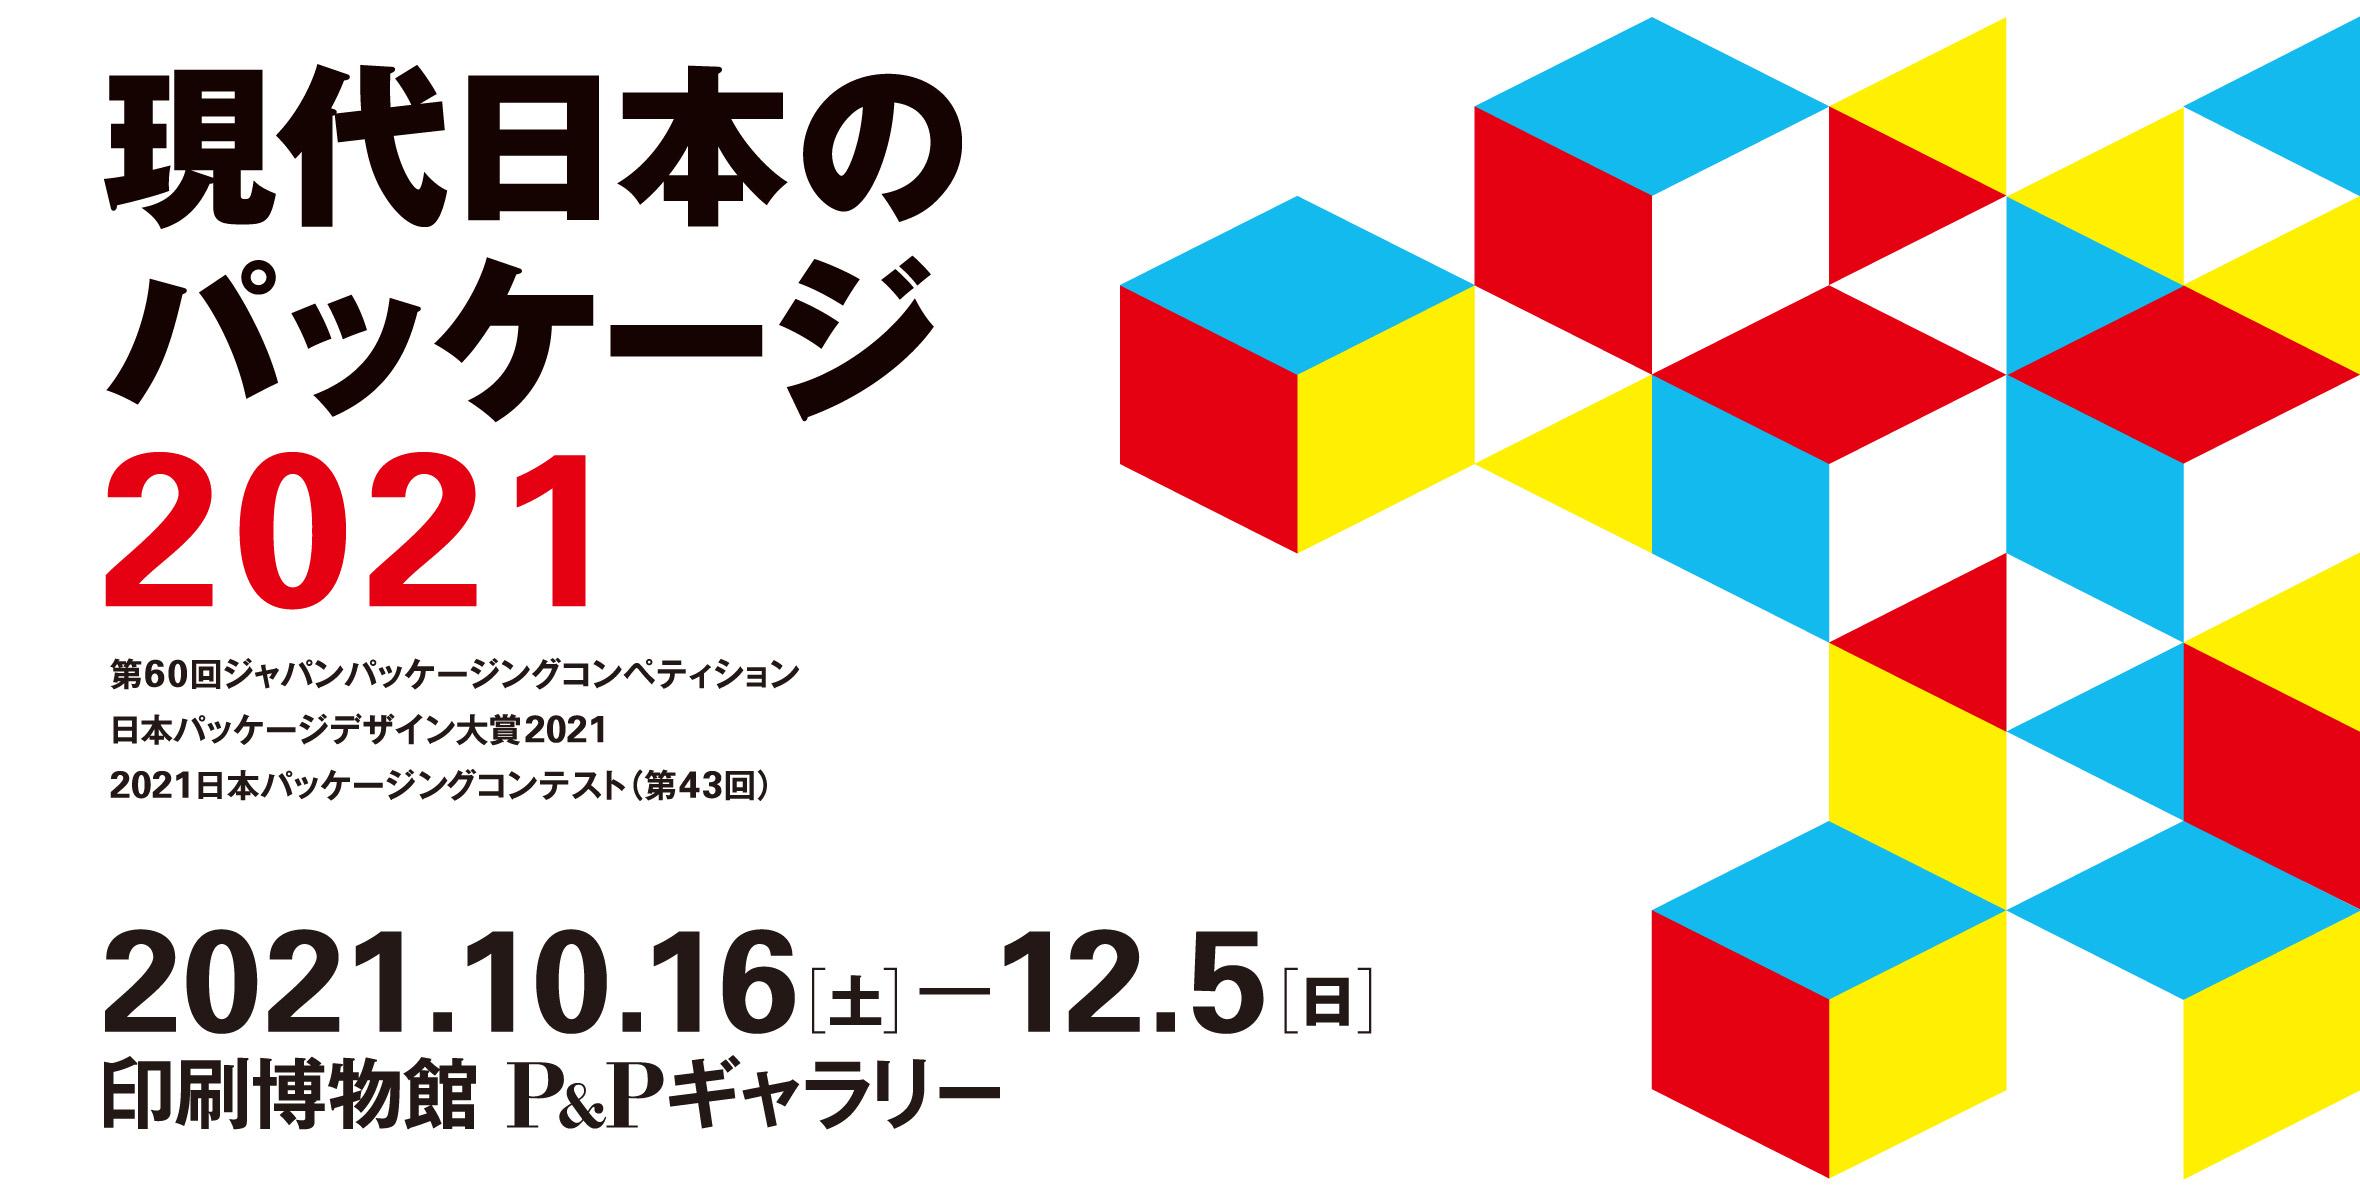 現代日本のパッケージ2021のイメージ